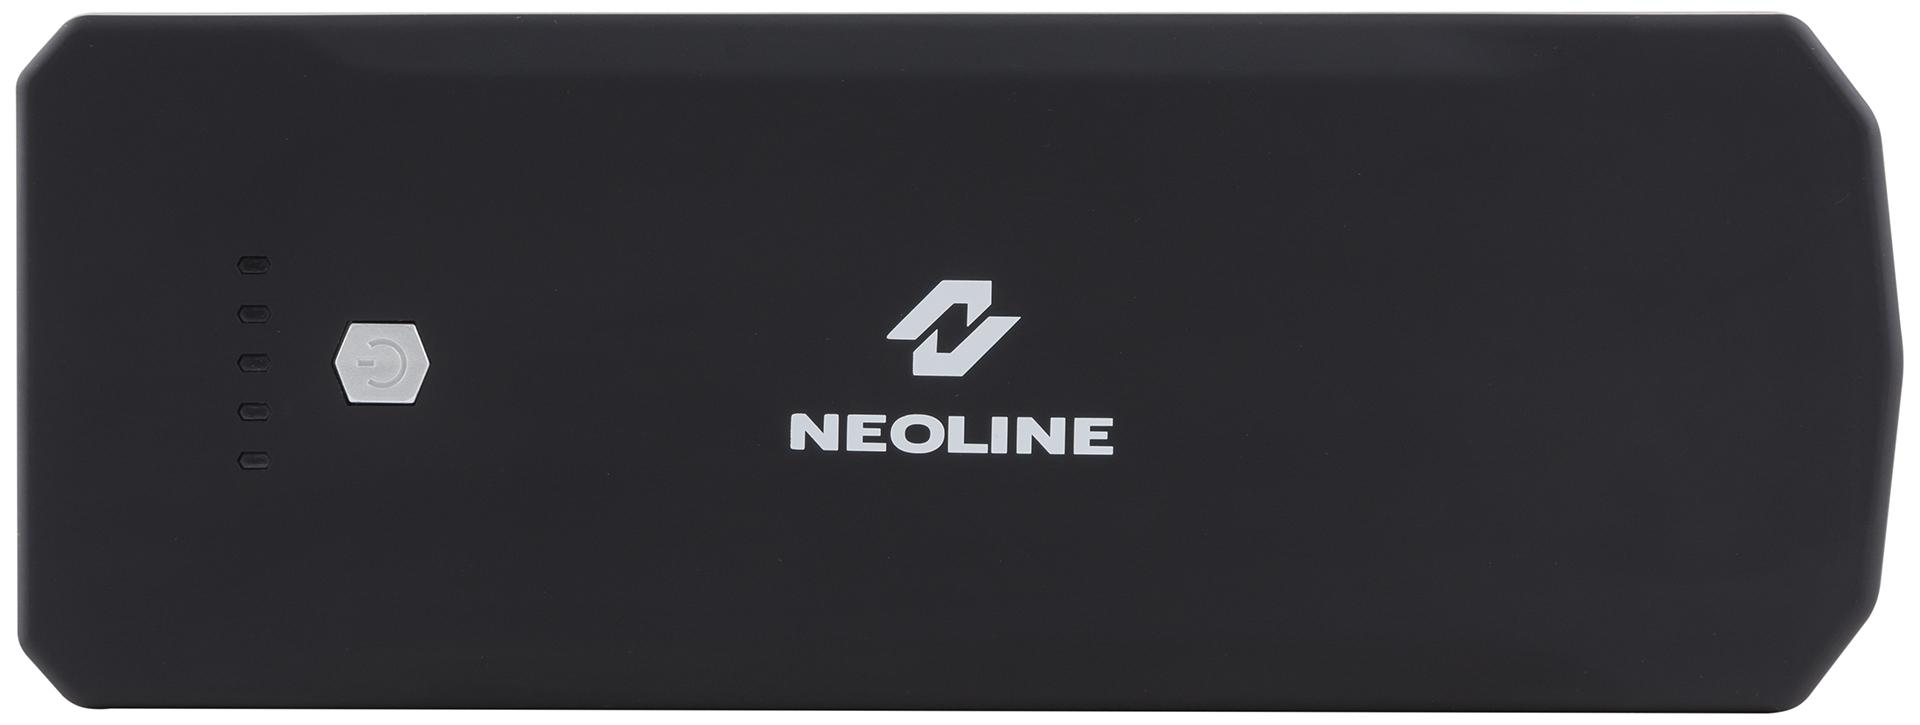 Как завести автомобиль, если аккумулятор сел: обзор портативного стартера Neoline Jump Starter 850A